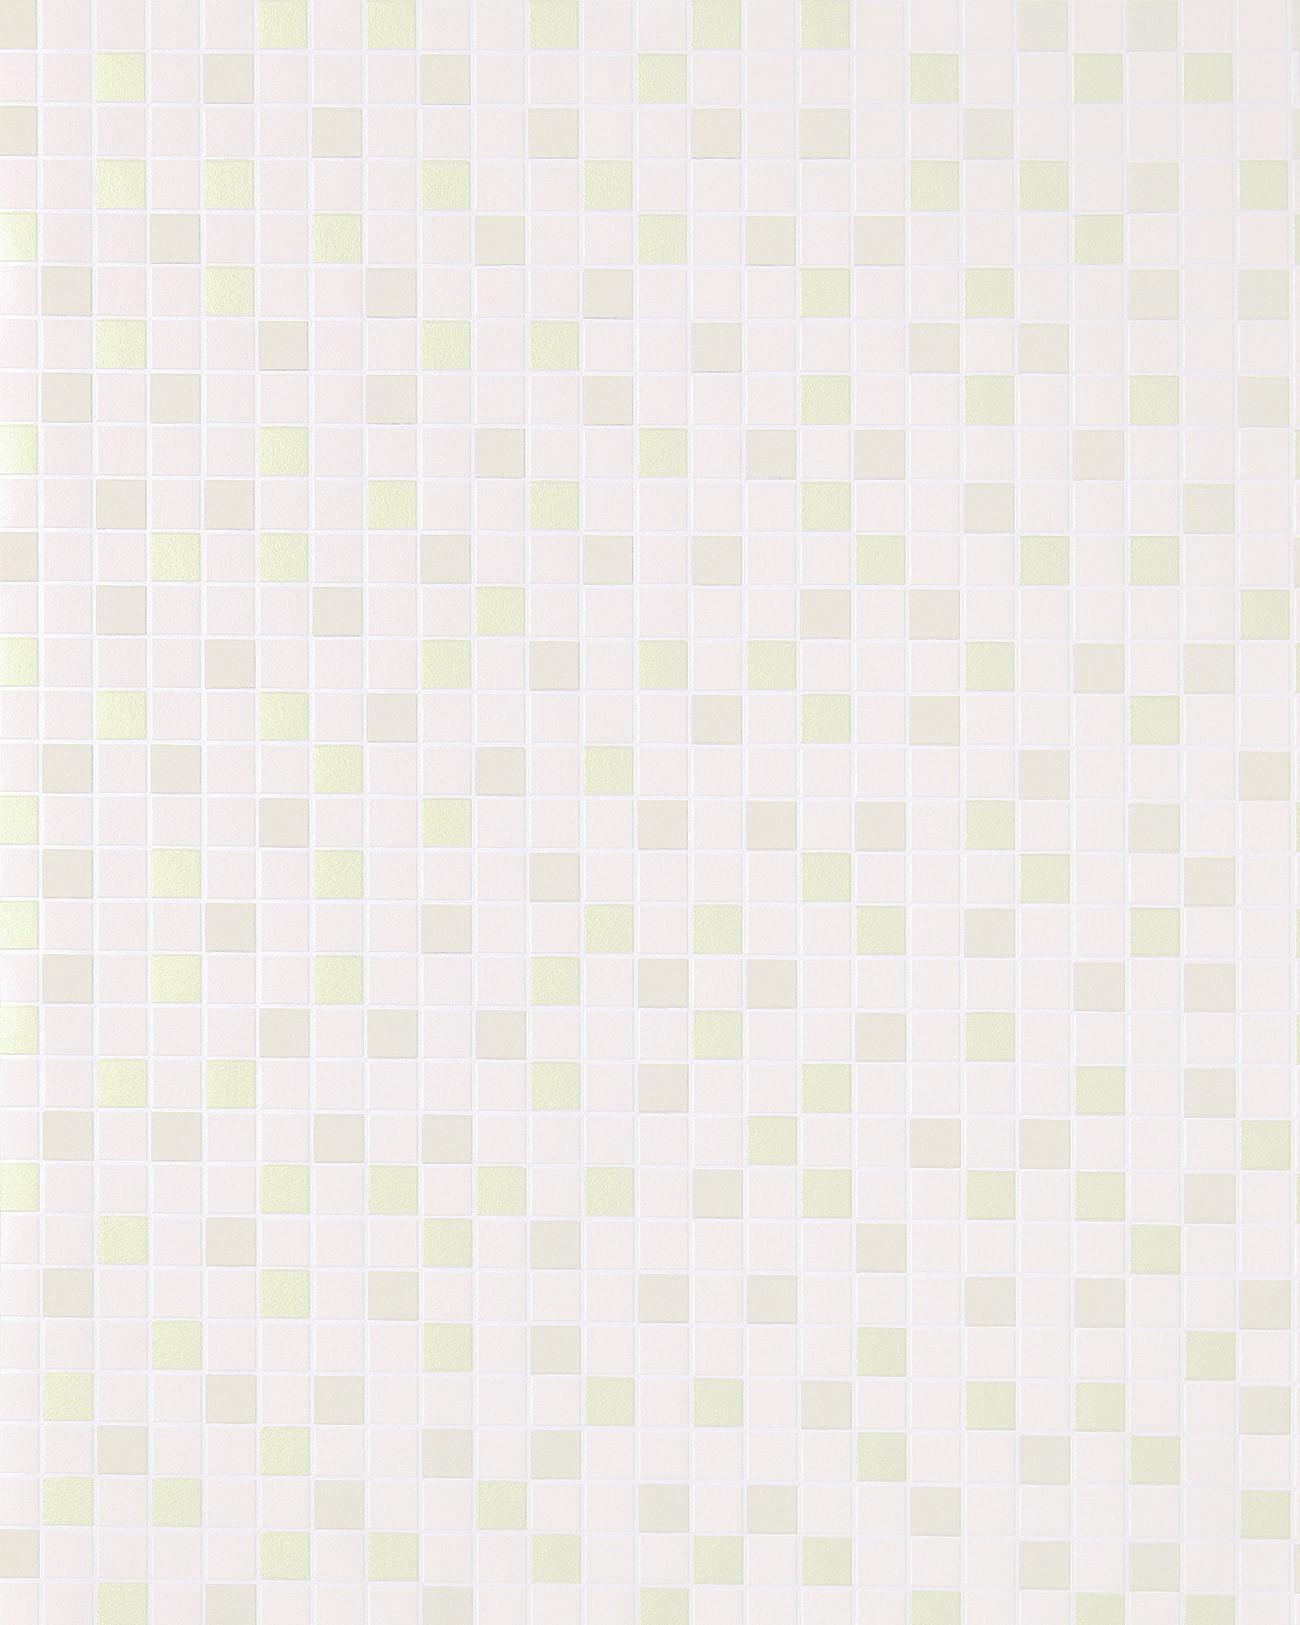 mosaikstein tapete kuchentapete edem 1022 11 fliesen kacheln tapete mit gepragter struktur naturweiss hell